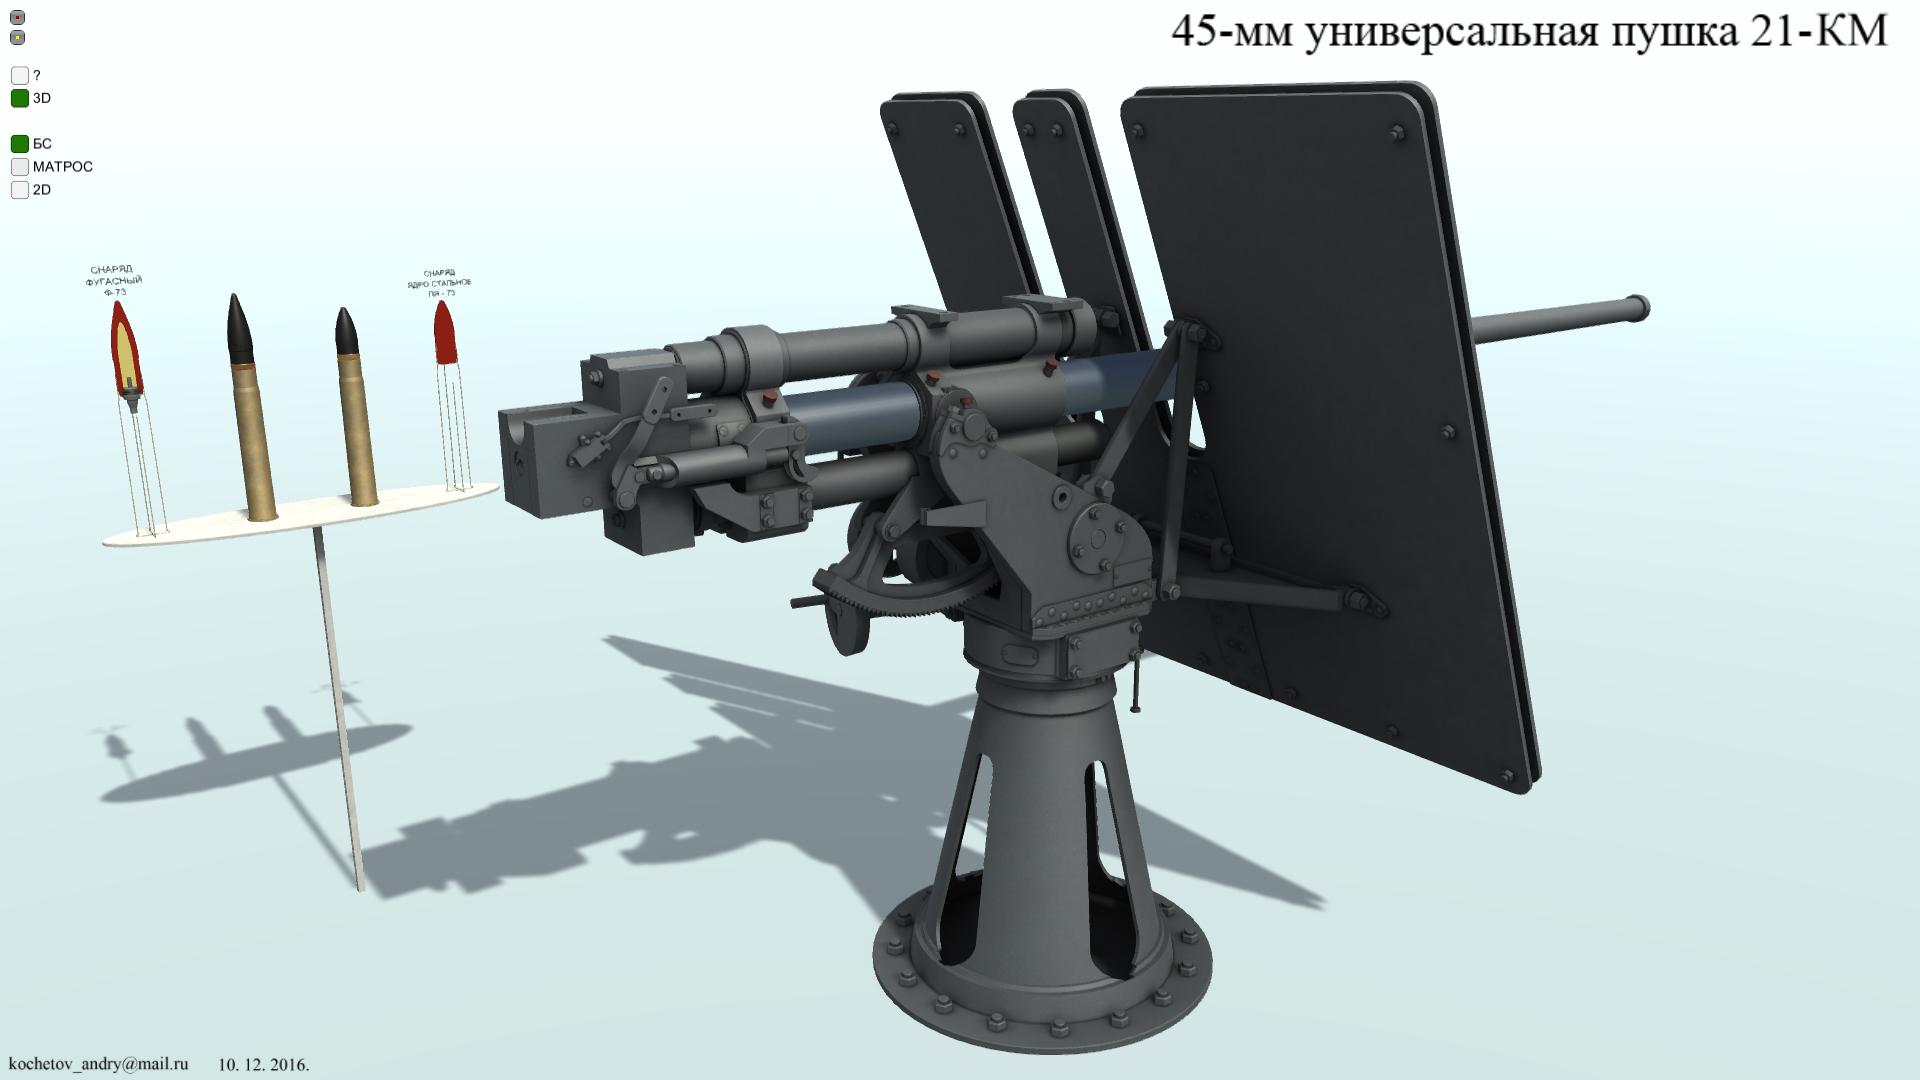 45мм пушка 21КМ.jpg